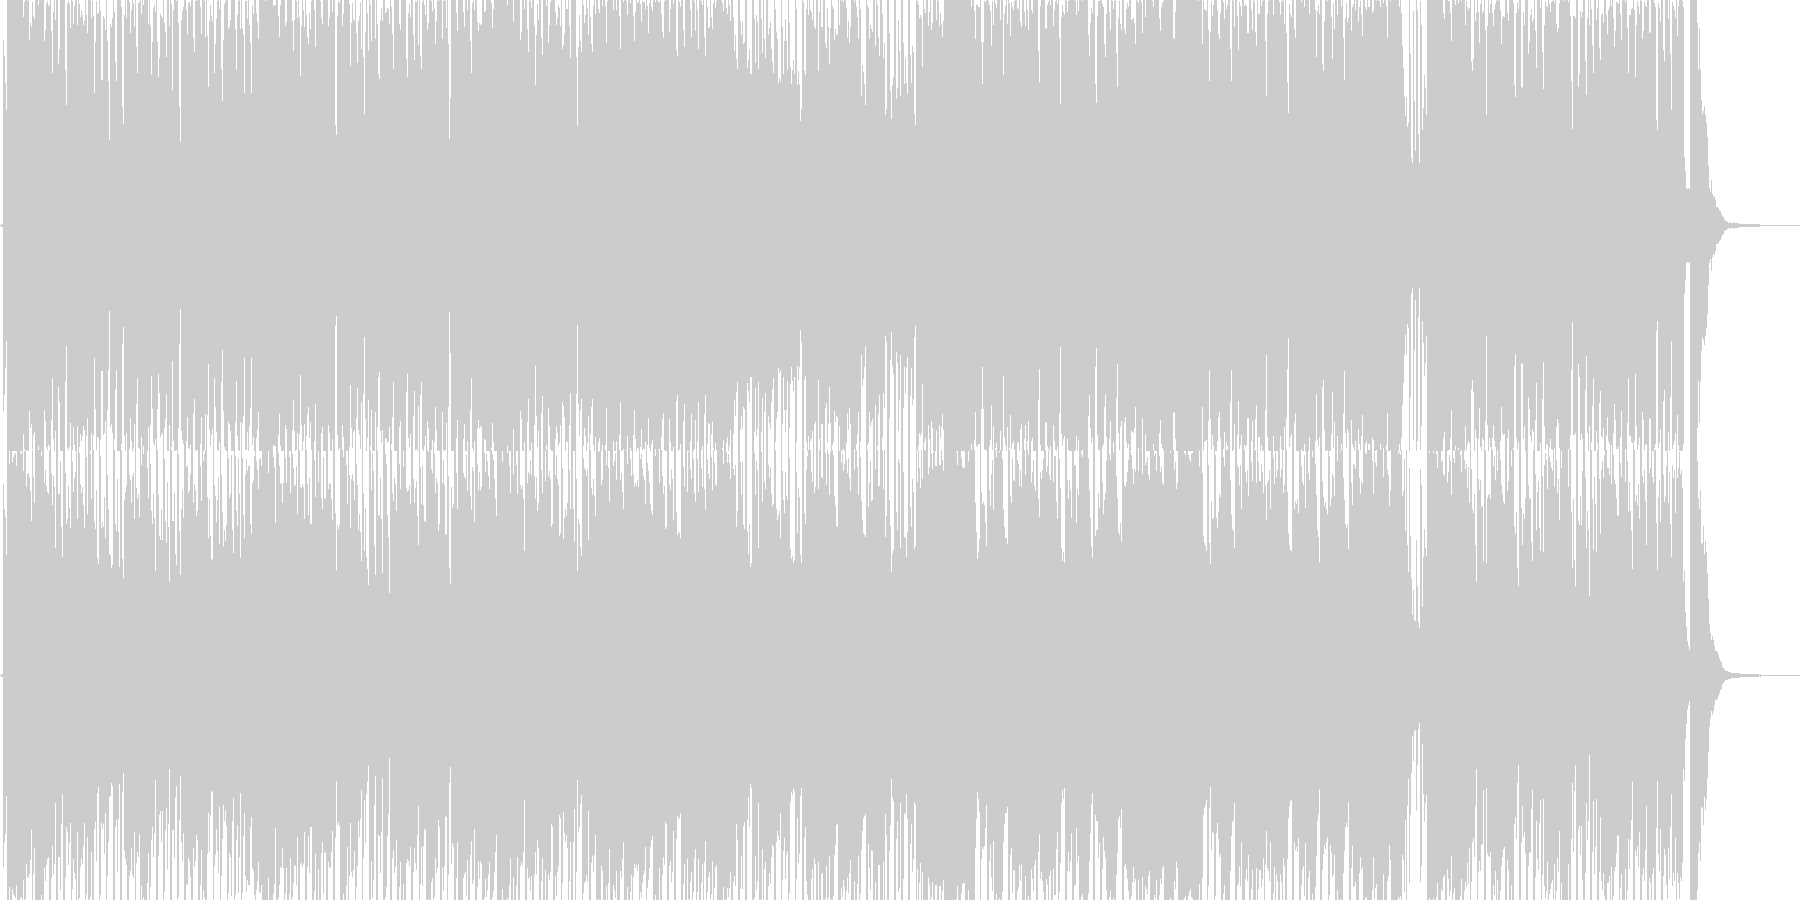 哀愁・秋をイメージしたピアノソロ曲の未再生の波形